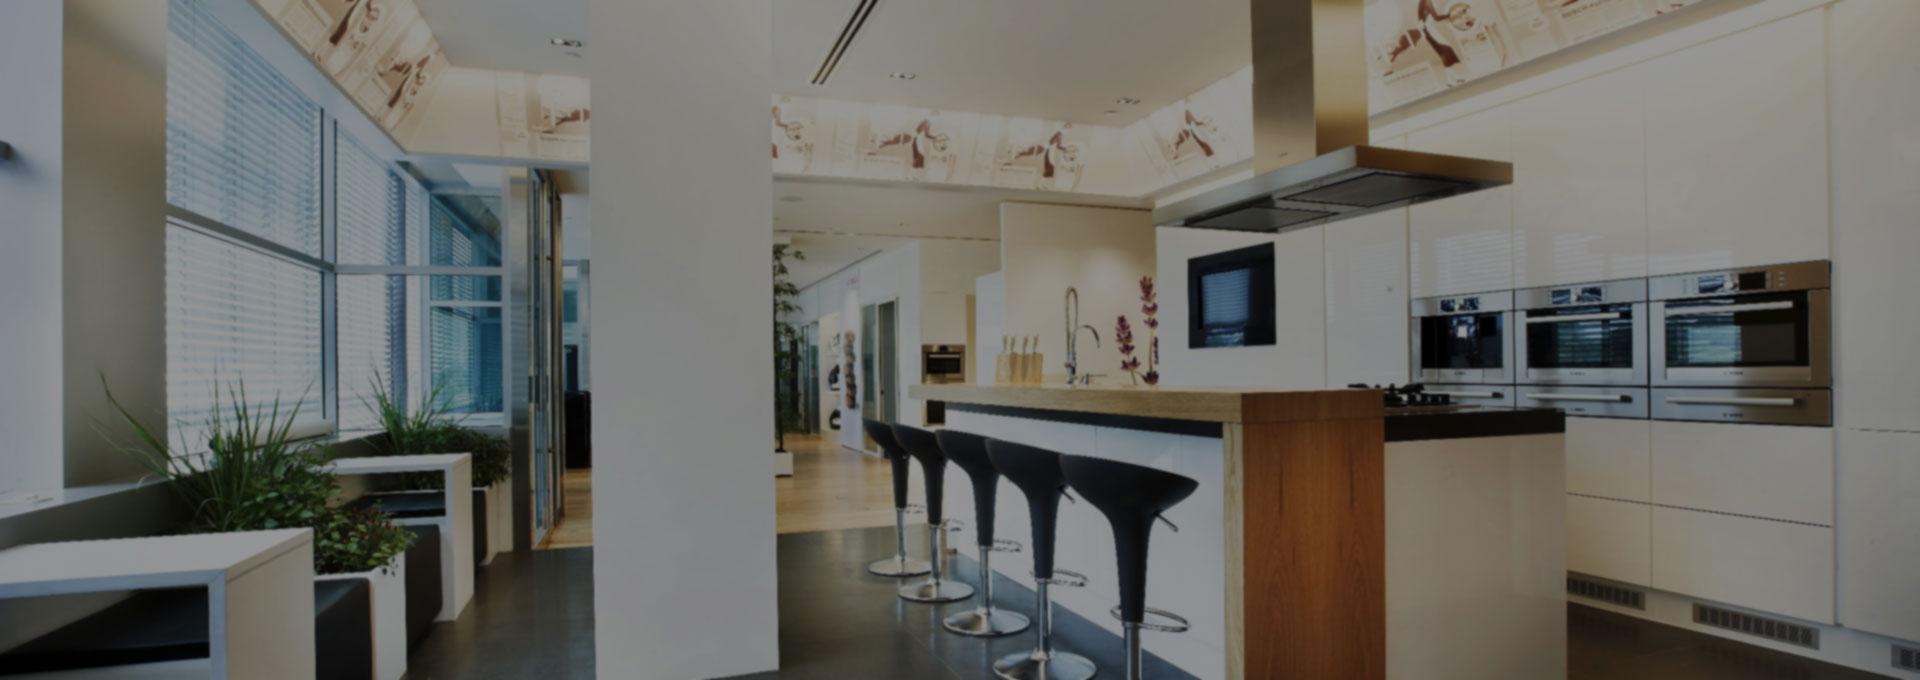 bosch kitchen rochester remodeling nakagama s center nakagamas